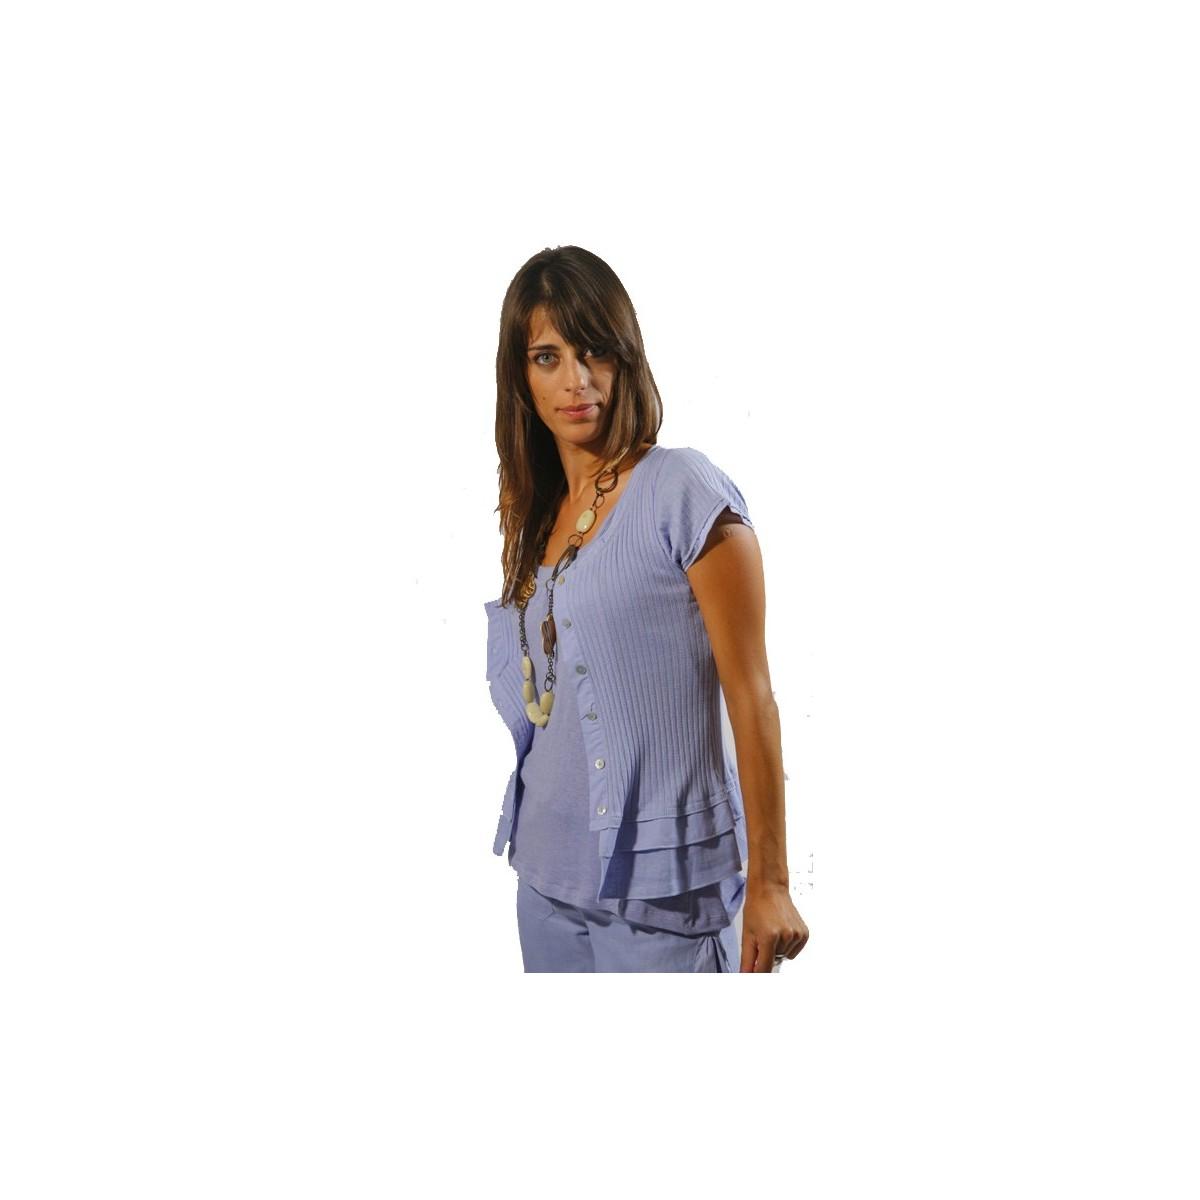 boutique en ligne tee shirt 100 coton femme. Black Bedroom Furniture Sets. Home Design Ideas